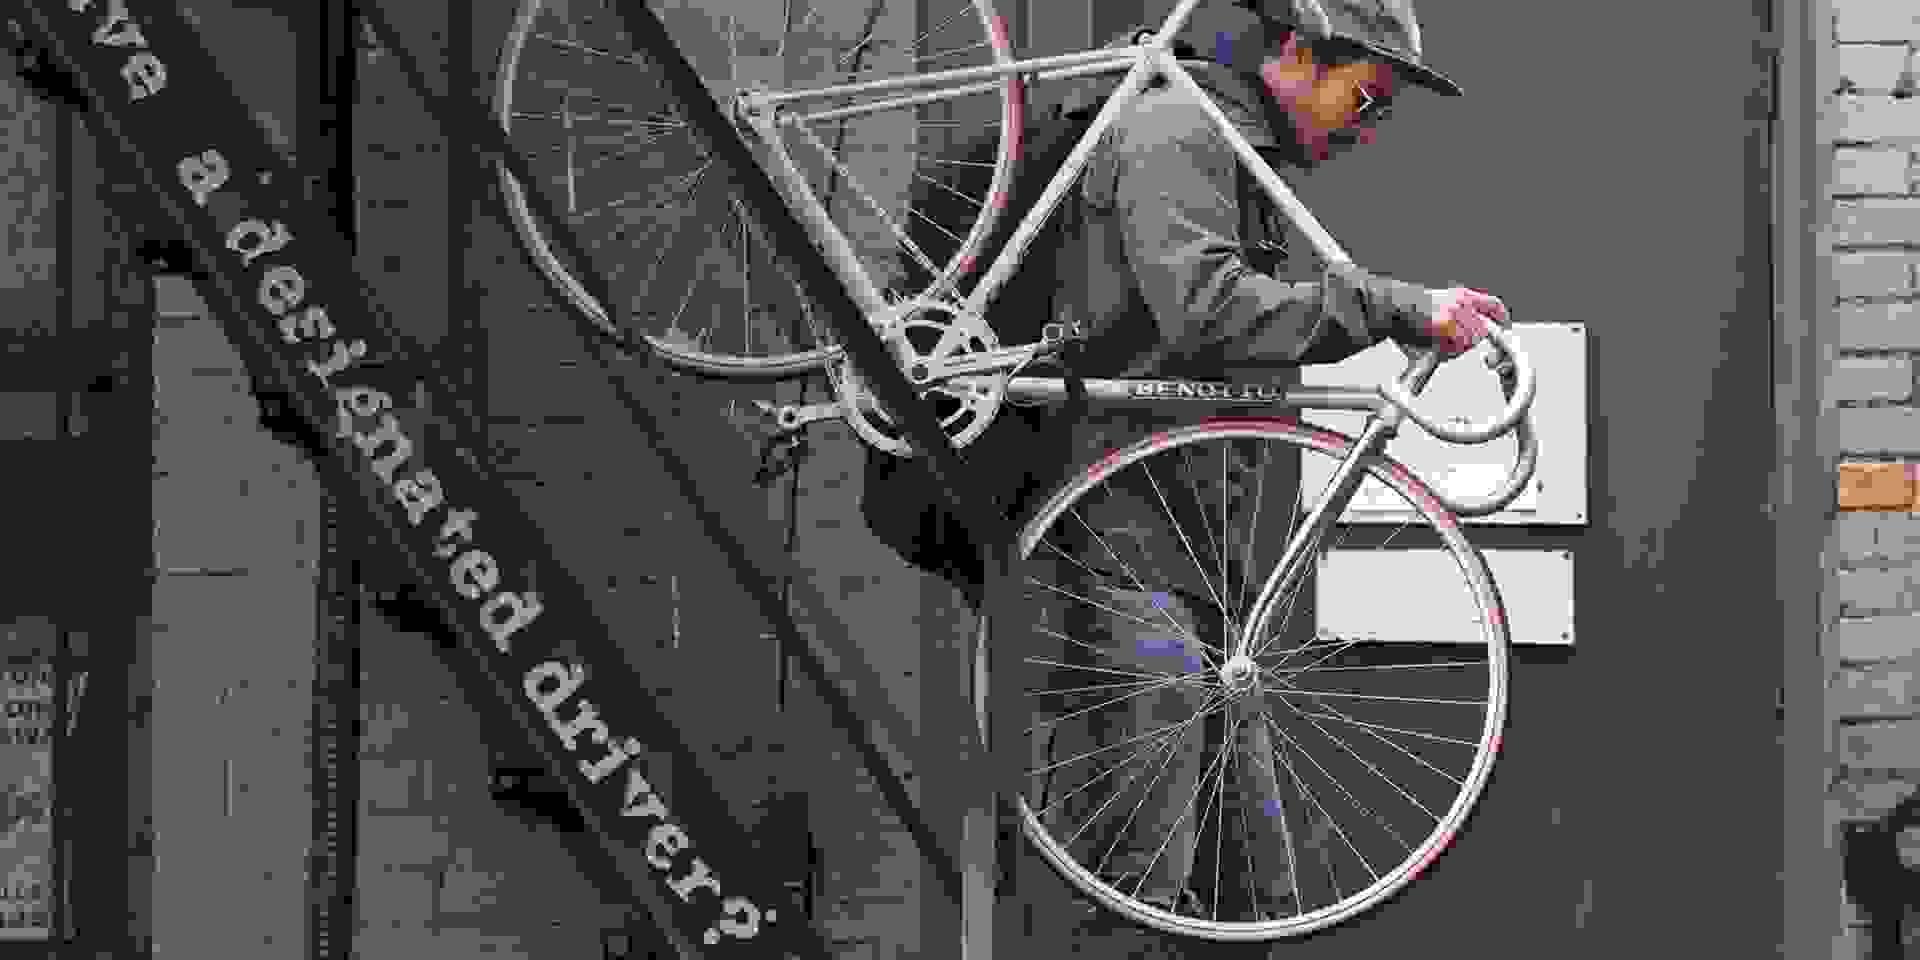 Commuting - Mit dem Rad zu Arbeit